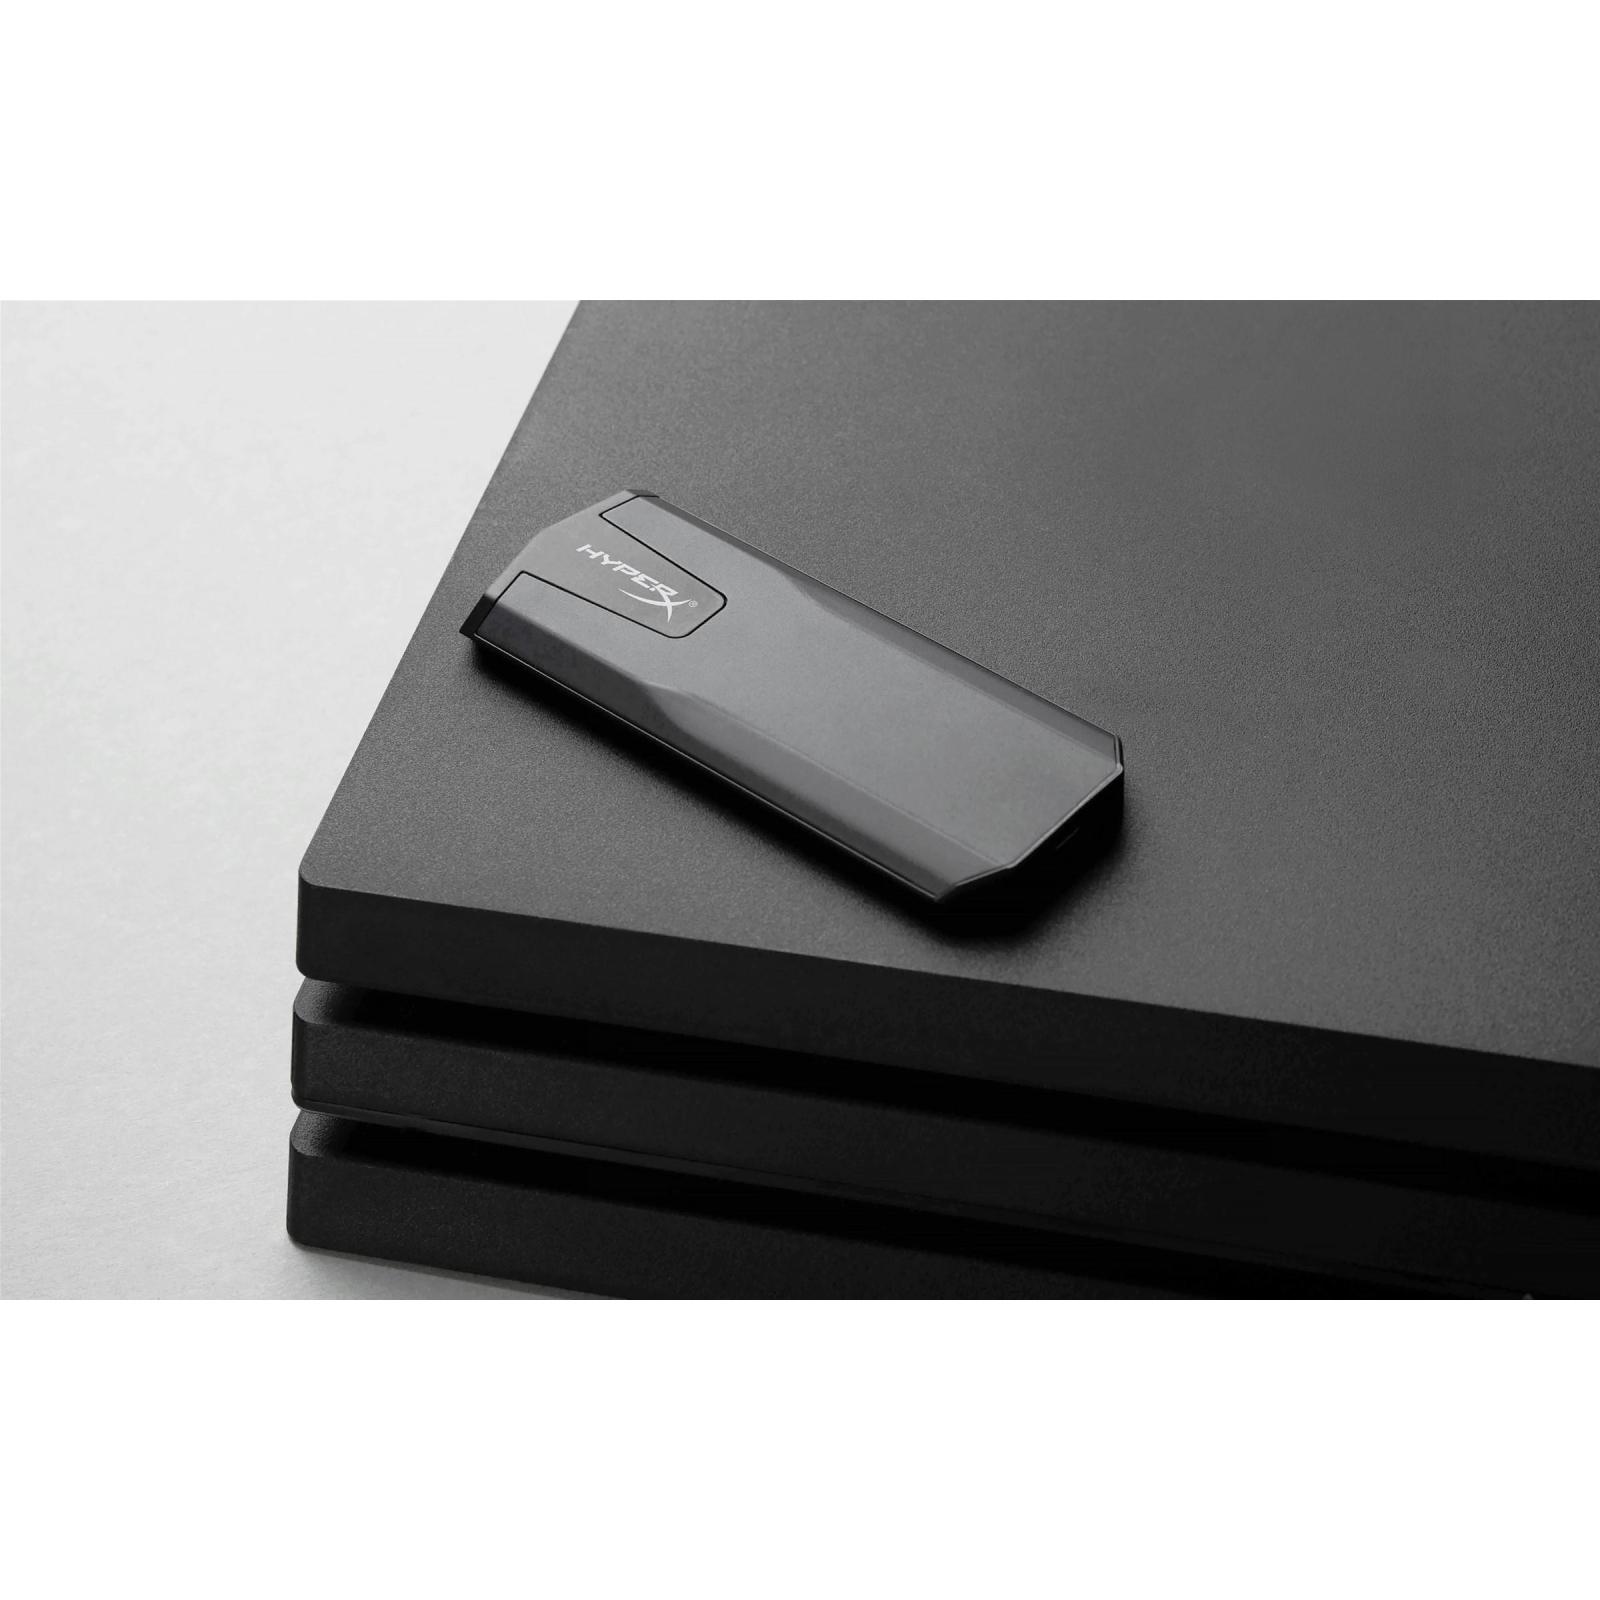 Накопитель SSD USB 3.1 960GB Kingston (SHSX100/960G) изображение 10